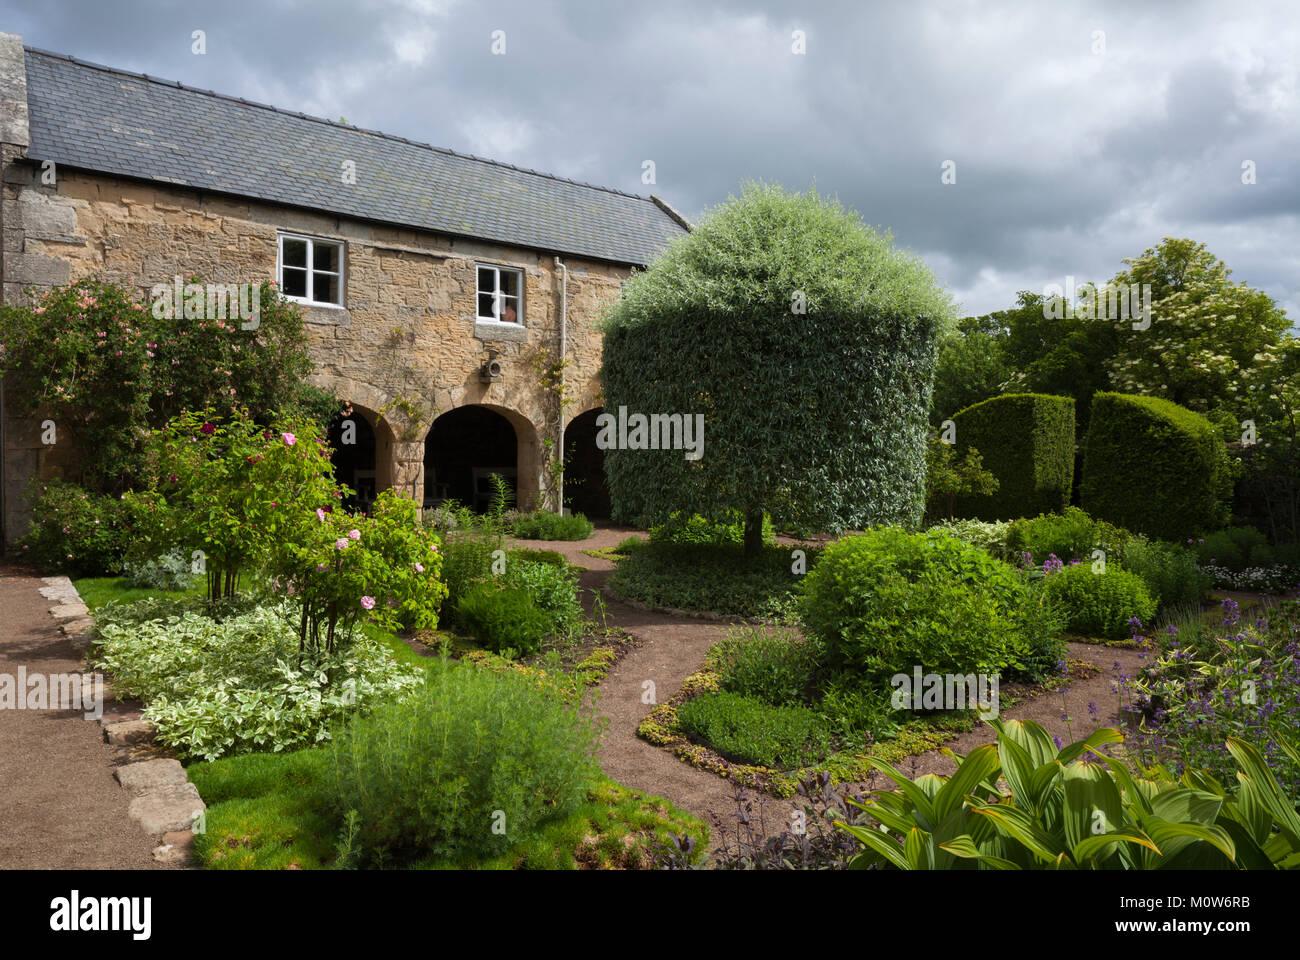 In physic garden con il pianto argento-leafed pear tree a metà strada attraverso la sua estate clipping e le Immagini Stock